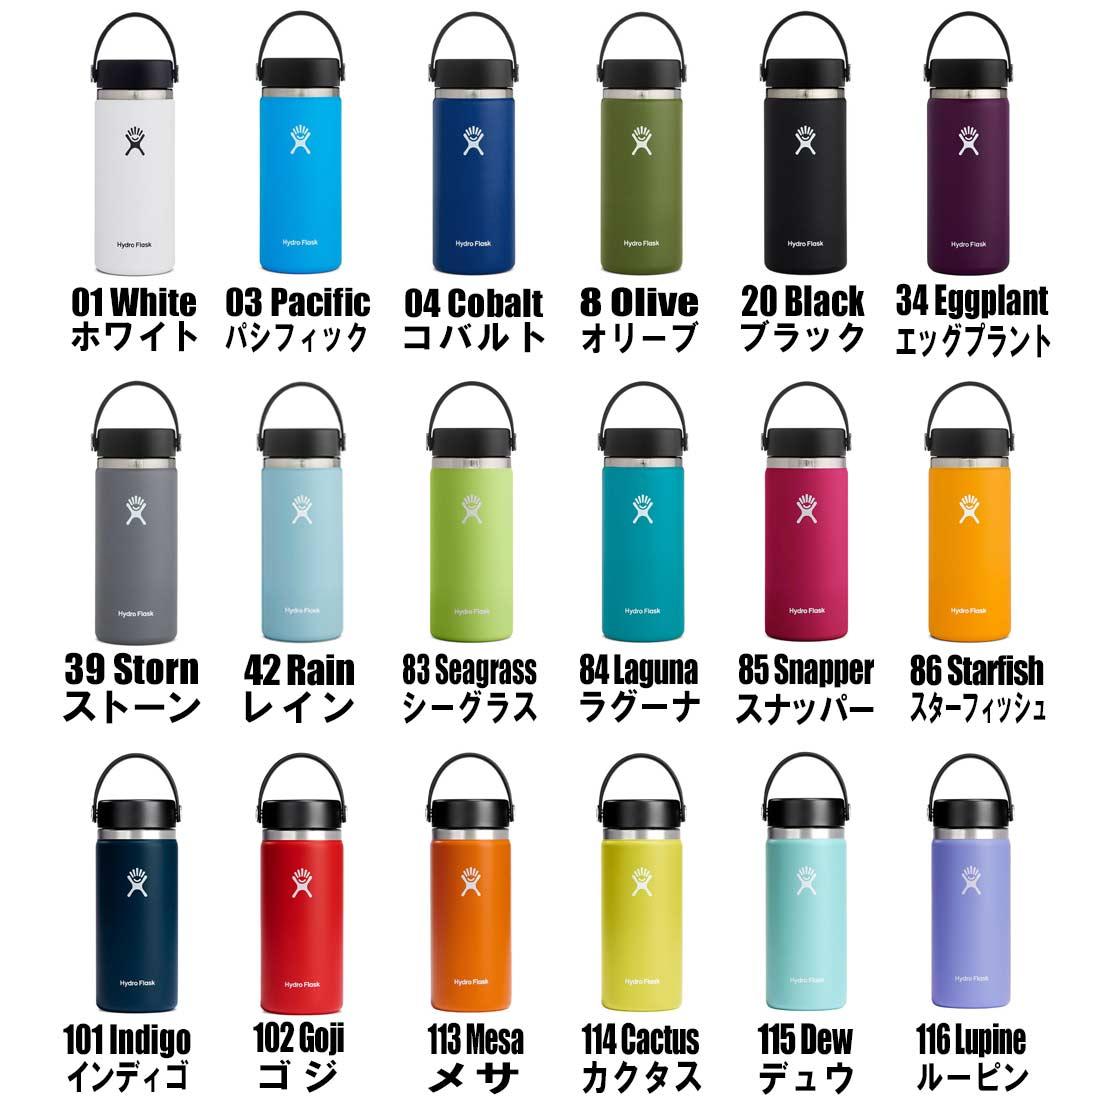 ハイドロフラスク ワイドマウス16oz 保温 保冷 ボトル 水筒  国内正規品